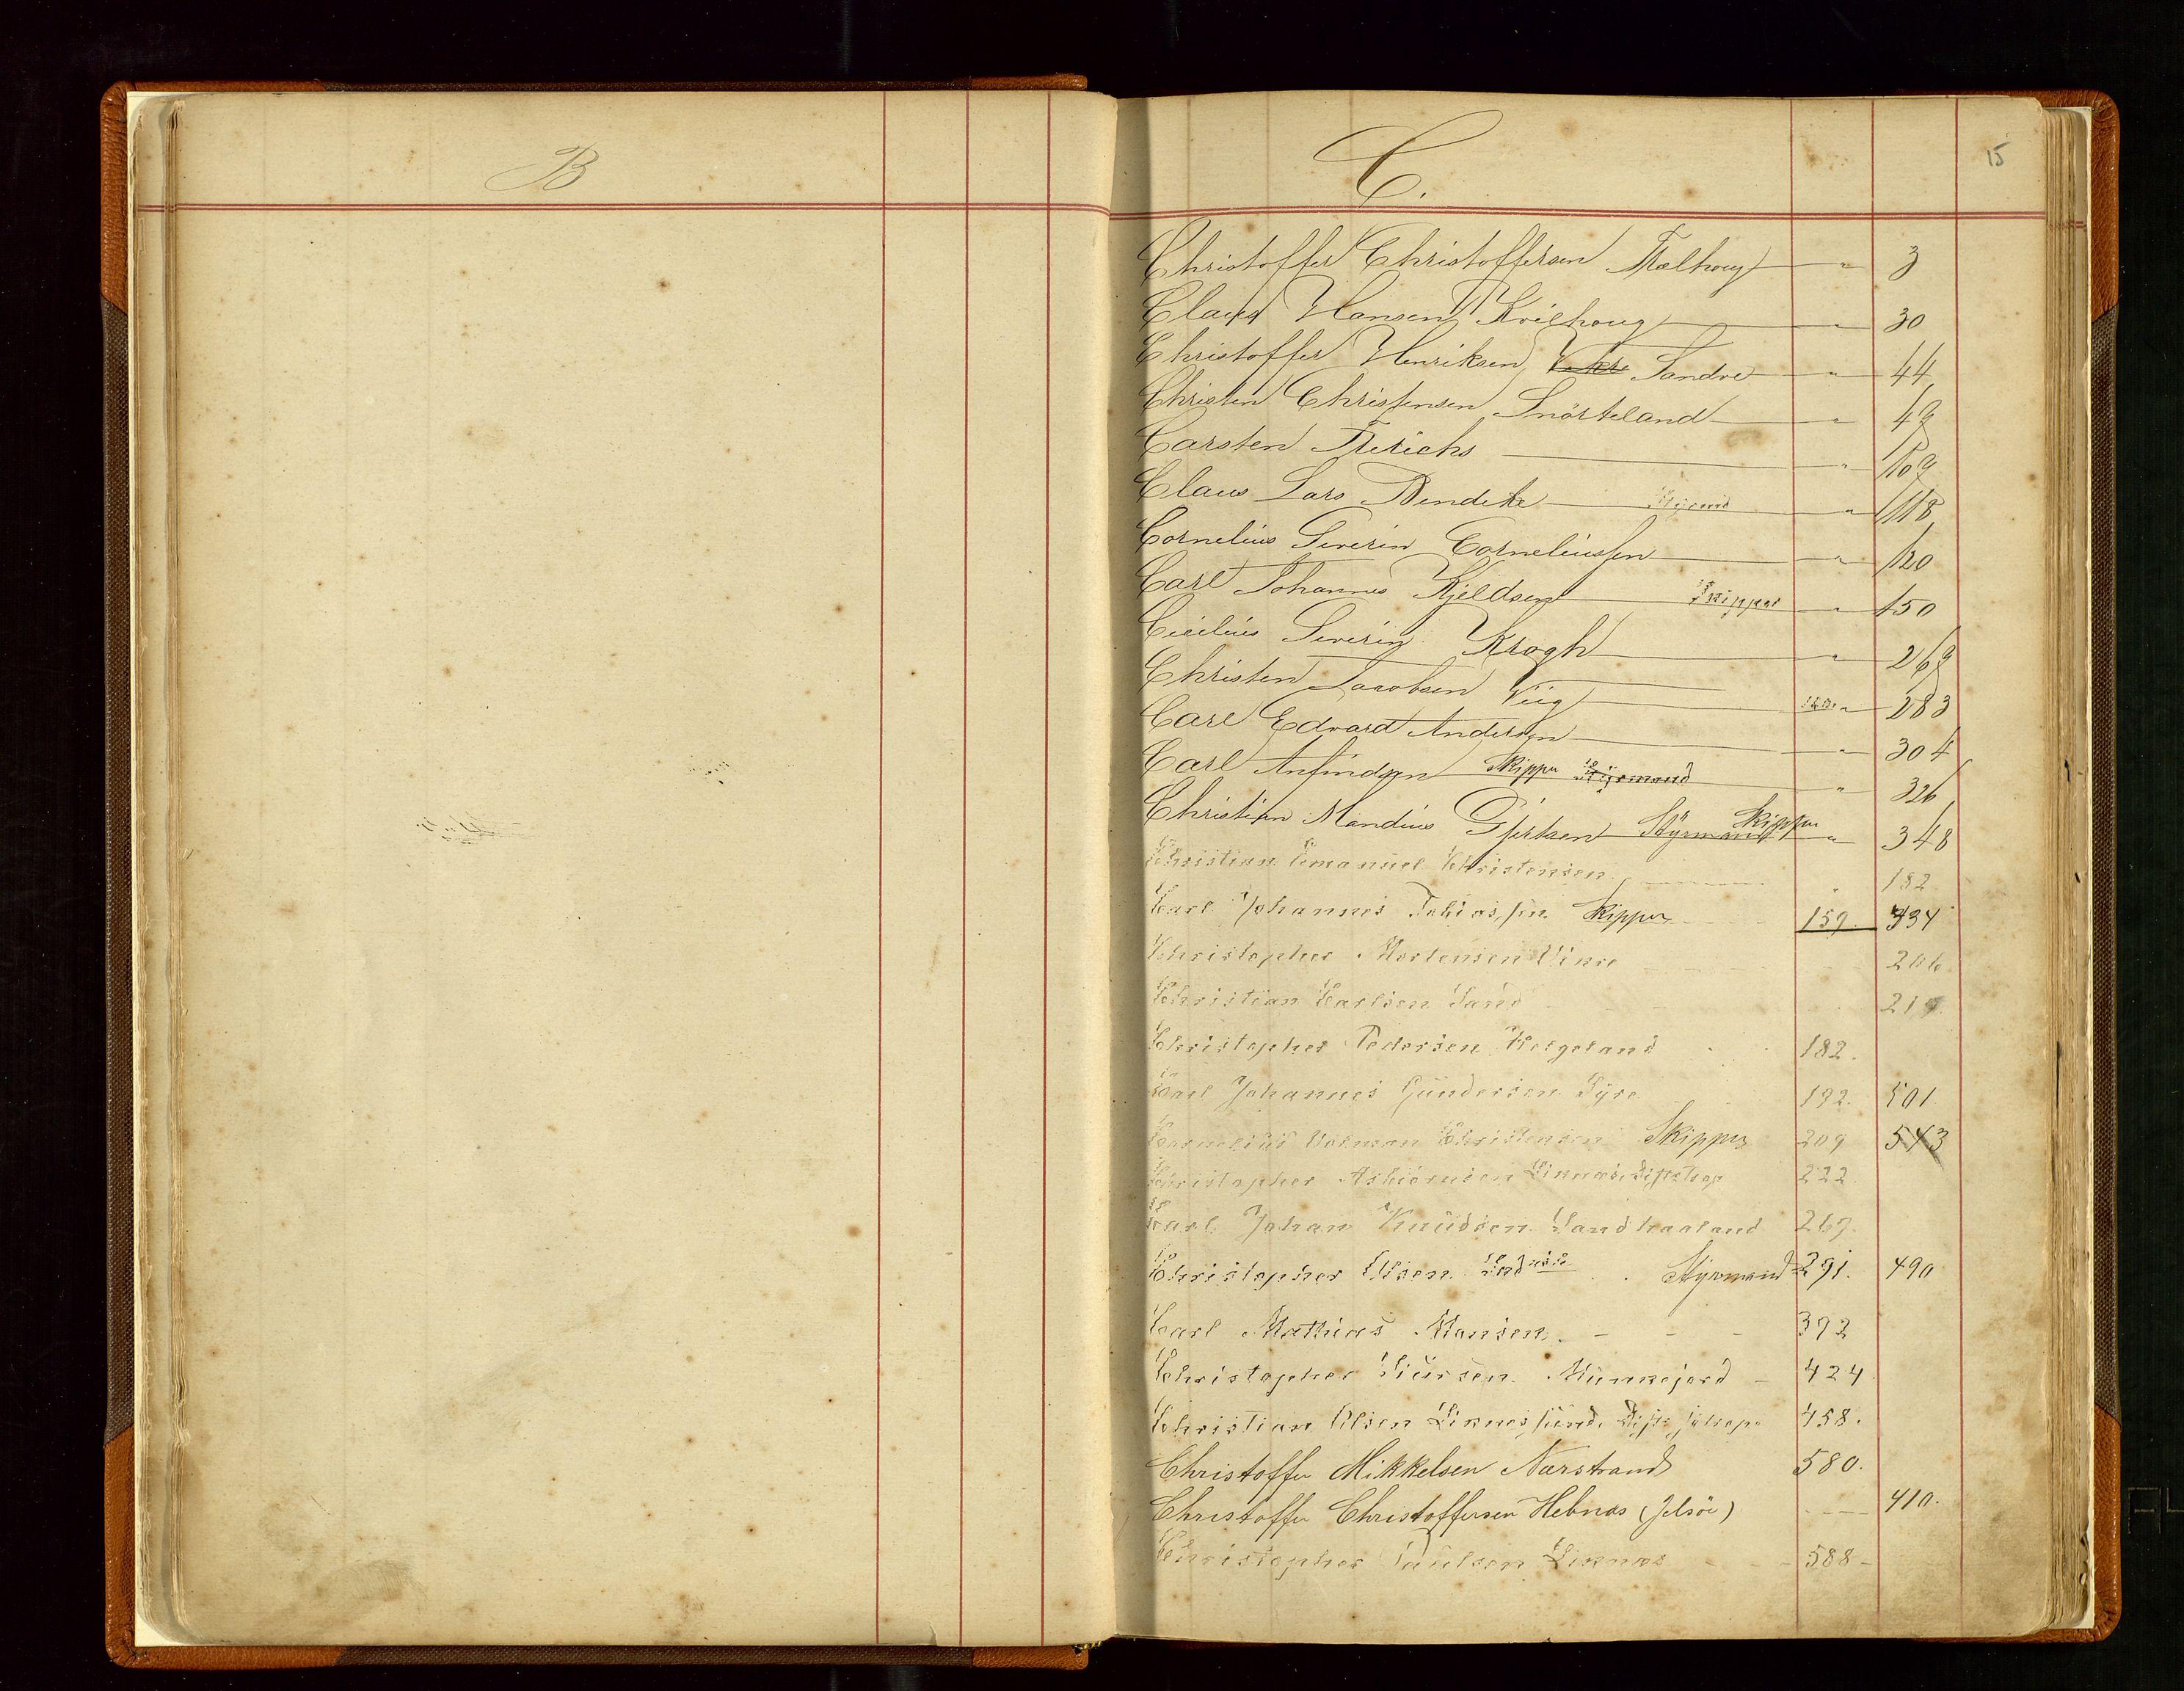 SAST, Haugesund sjømannskontor, F/Fb/Fba/L0003: Navneregister med henvisning til rullenummer (fornavn) Haugesund krets, 1860-1948, s. 15